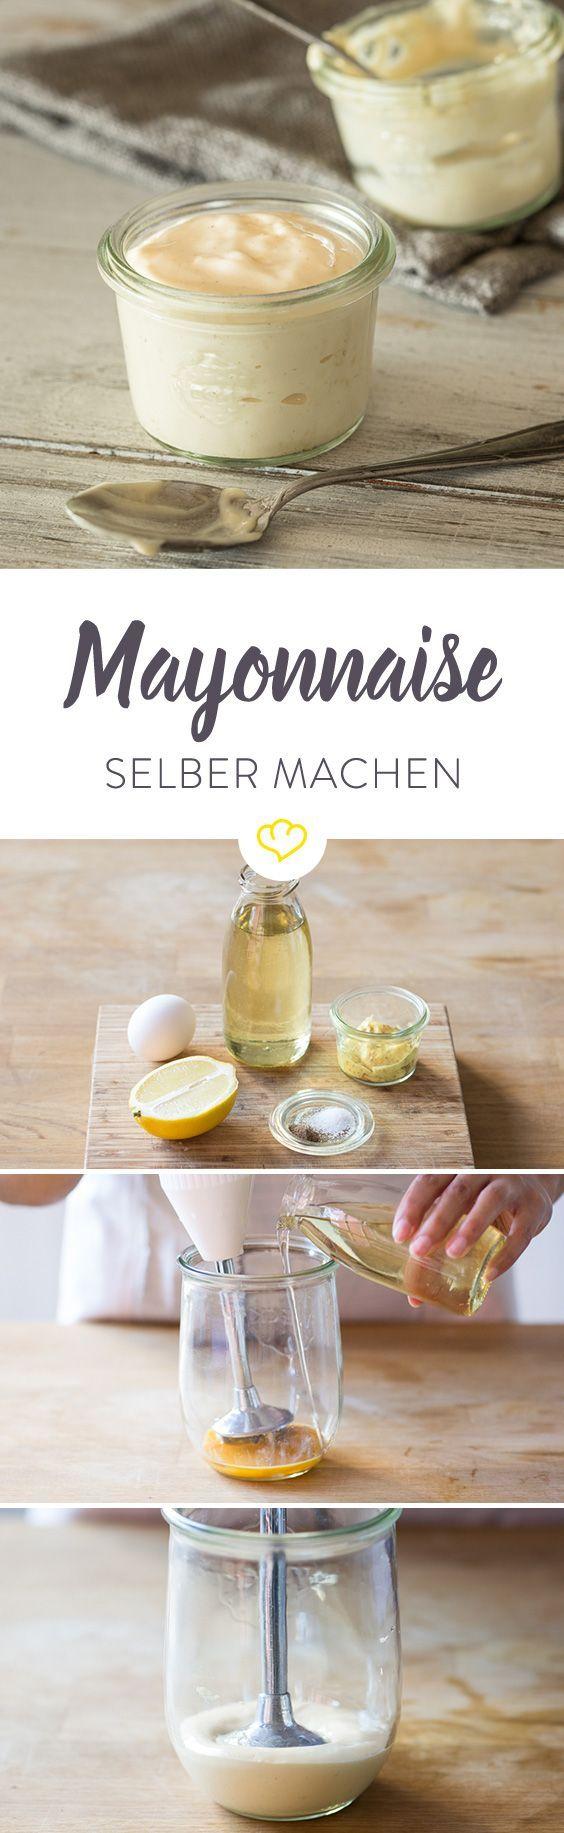 Mit wenigen, frischen Zutaten und der richtigen Technik kannst du Mayonnaise ganz einfach selbst herstellen - cremig, lecker und ohne künstliche Zusätze.